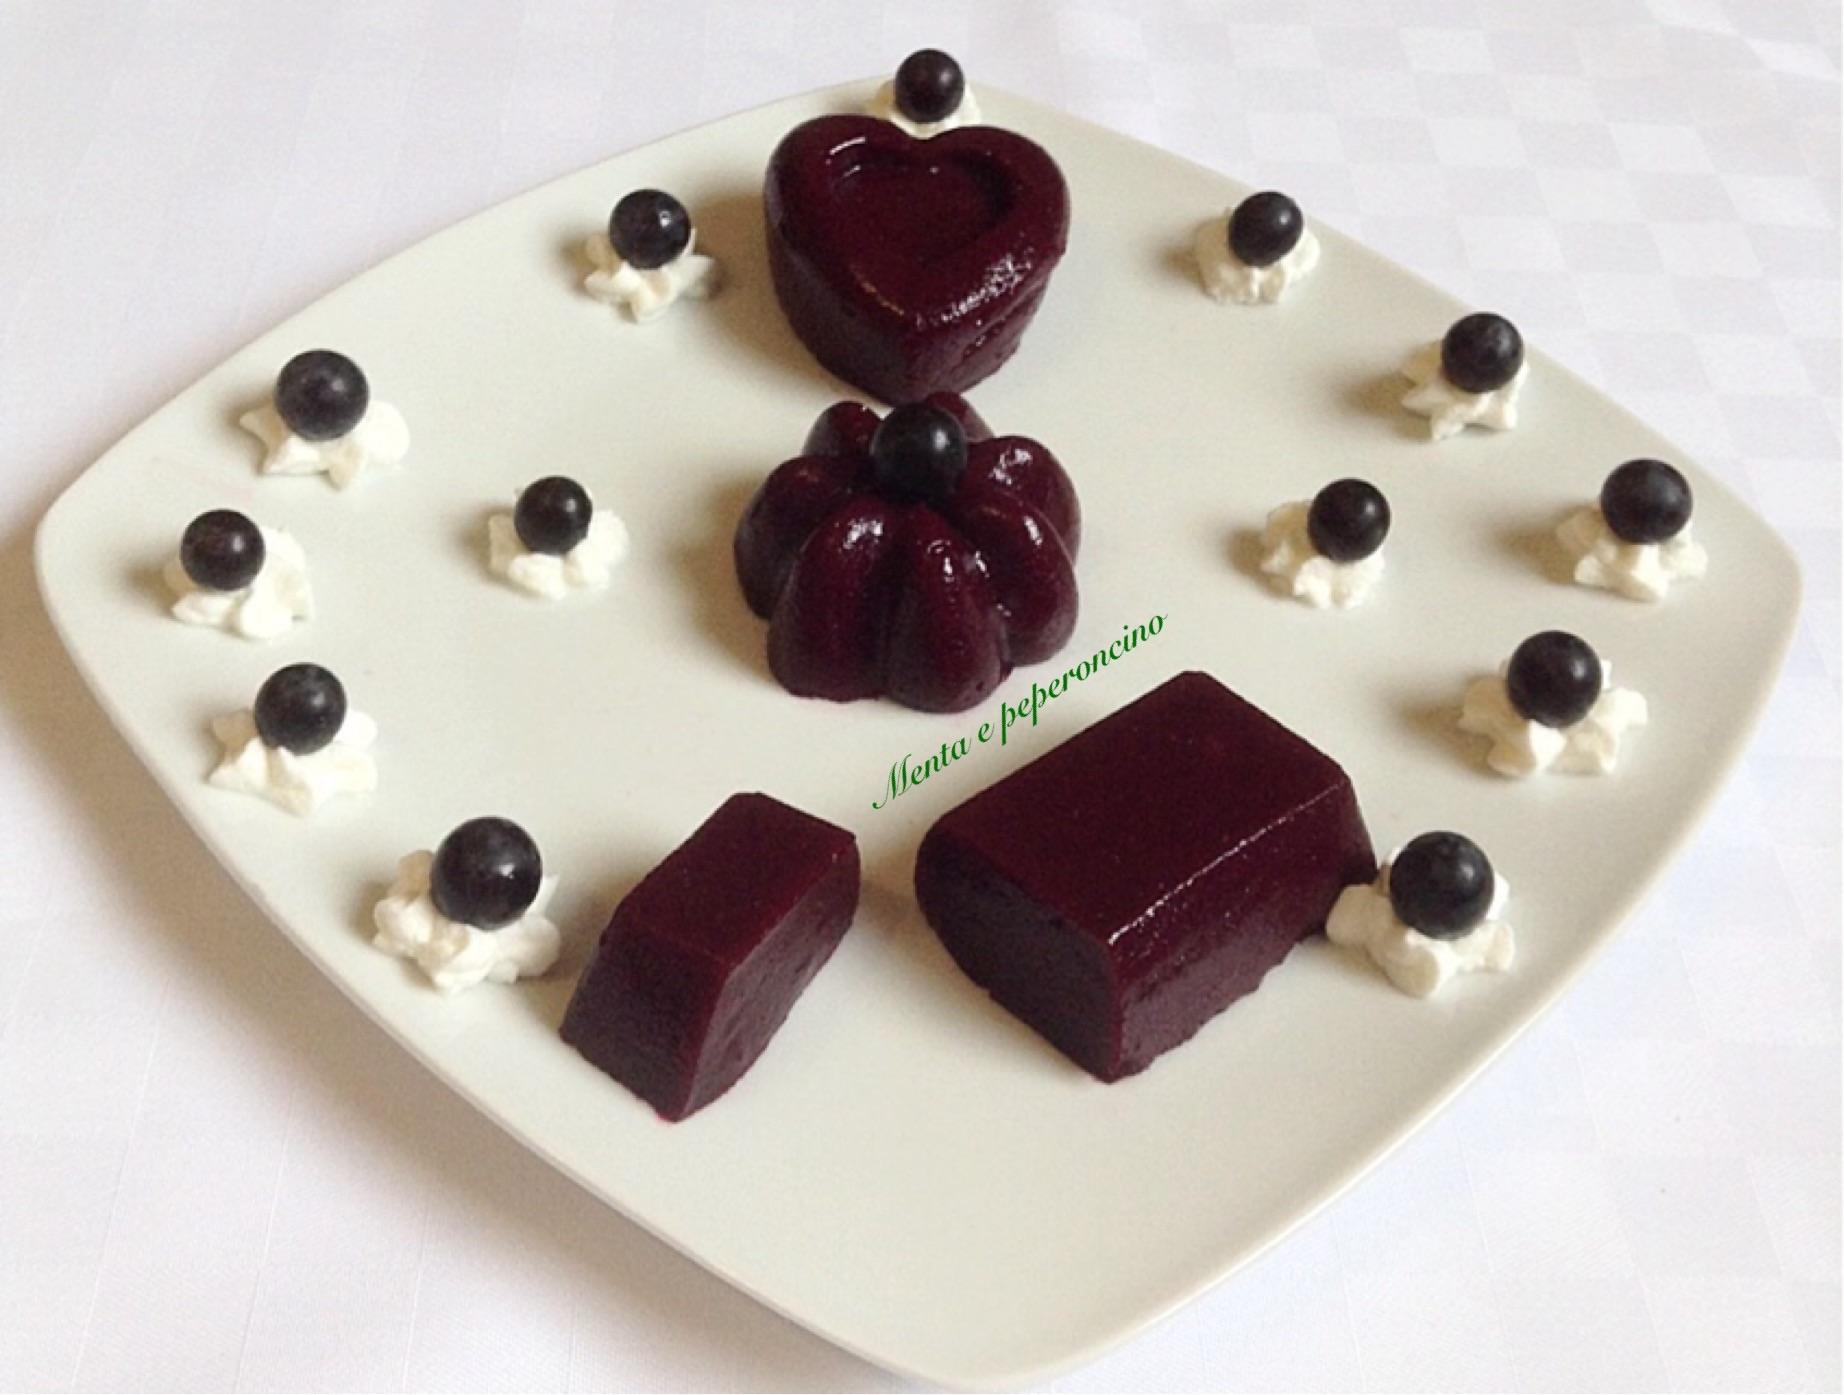 Sugli con uva fragola